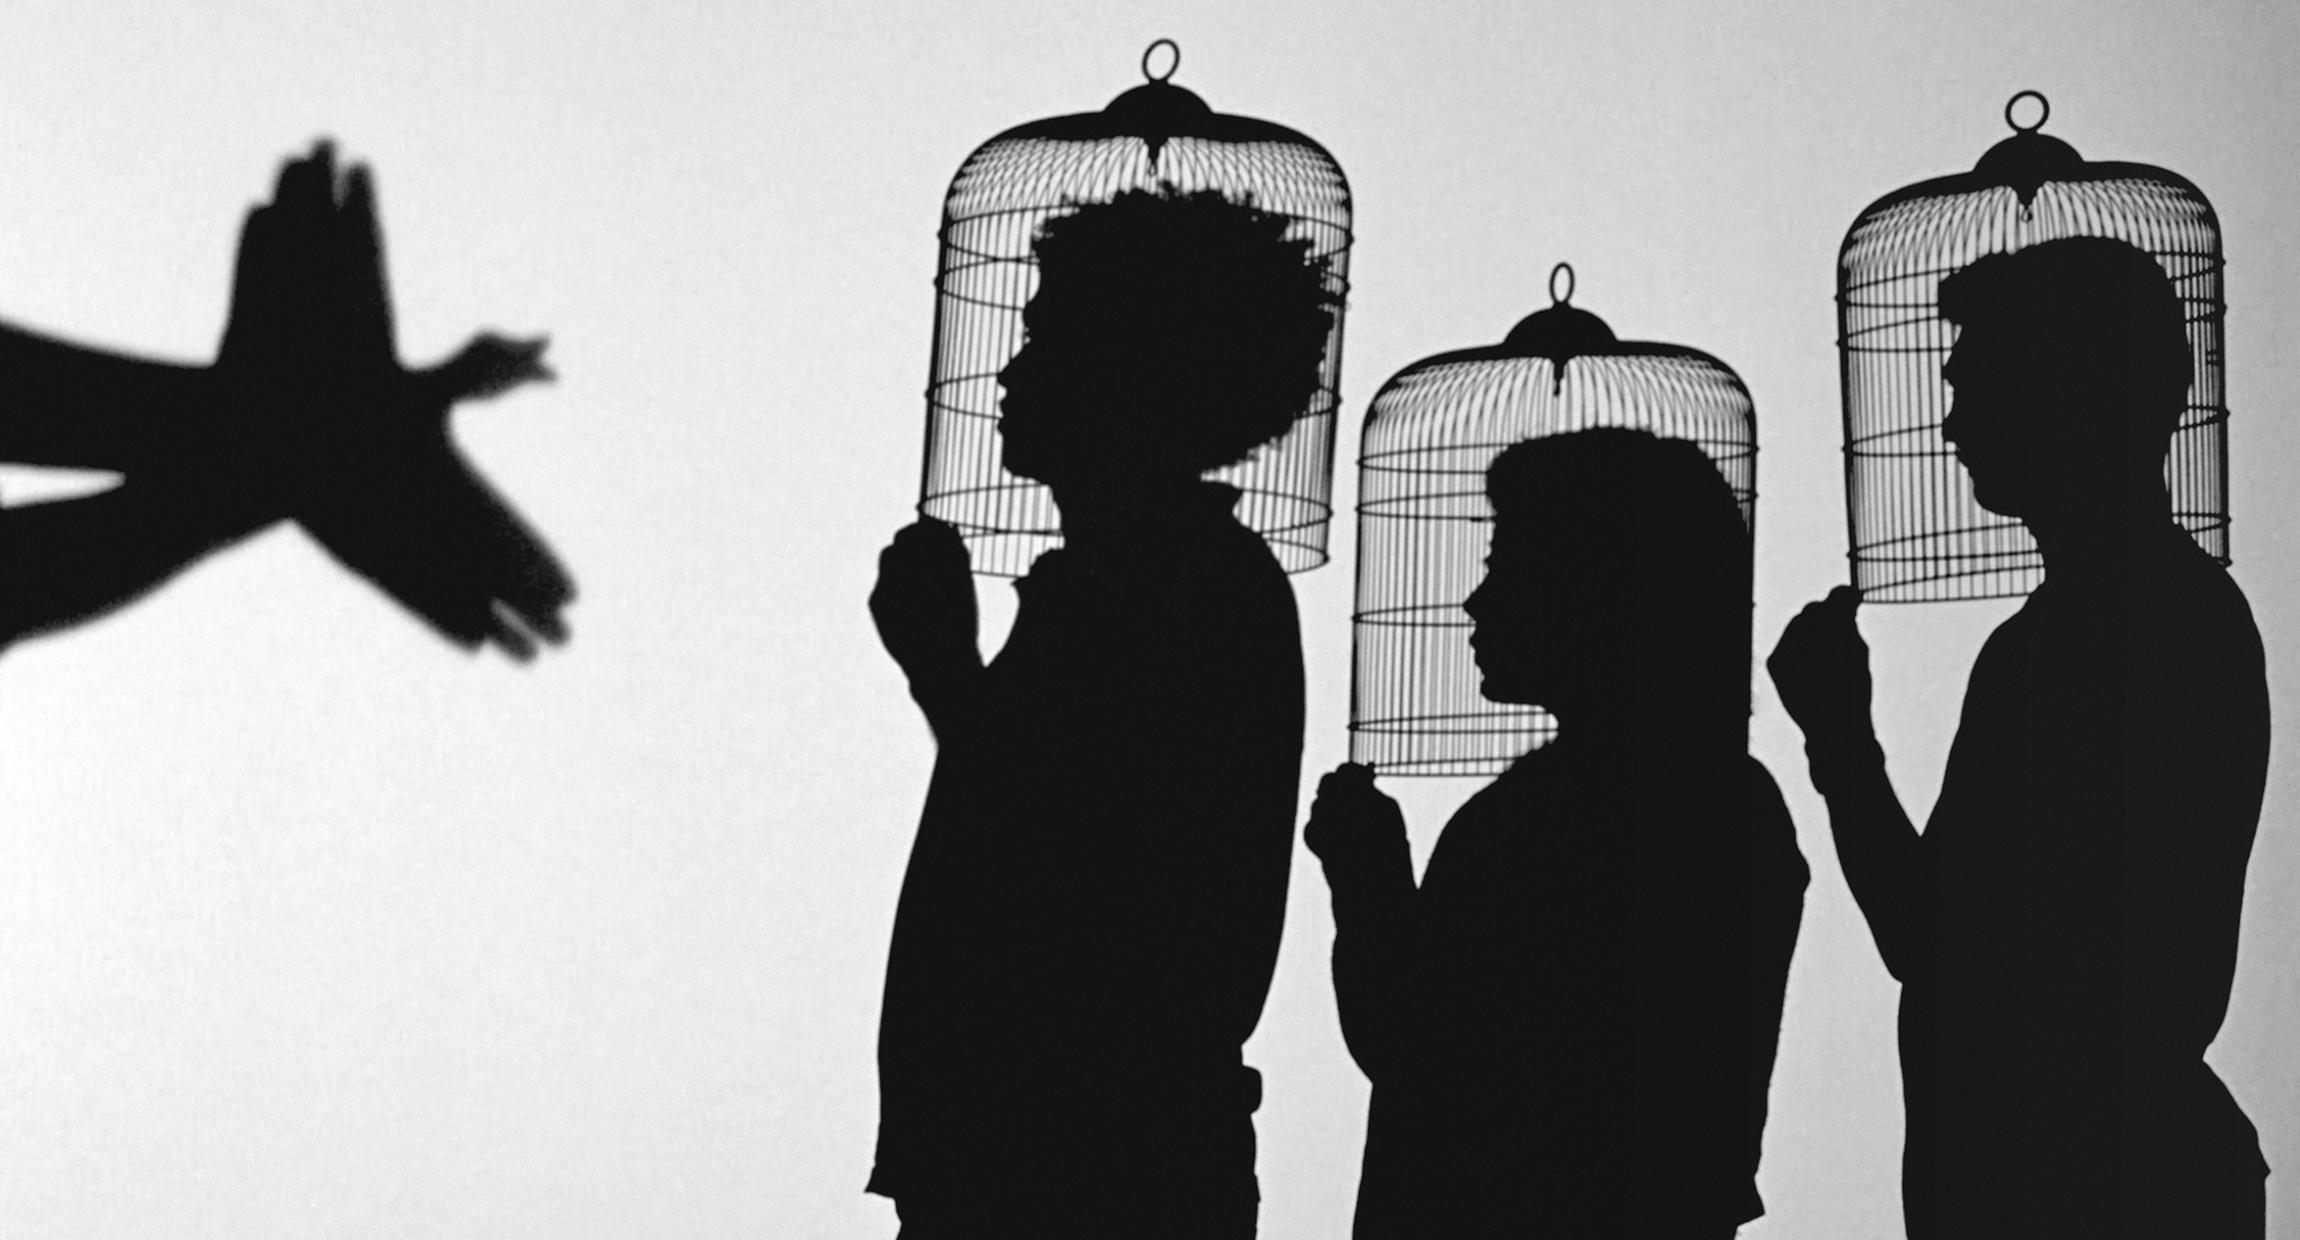 Javier Téllez, Shadow Play, 2014. Film installation, 35 mm film projection. Film still, courtesy of the artist and Peter Kilchmann galerie, Zurich © Javier Téllez